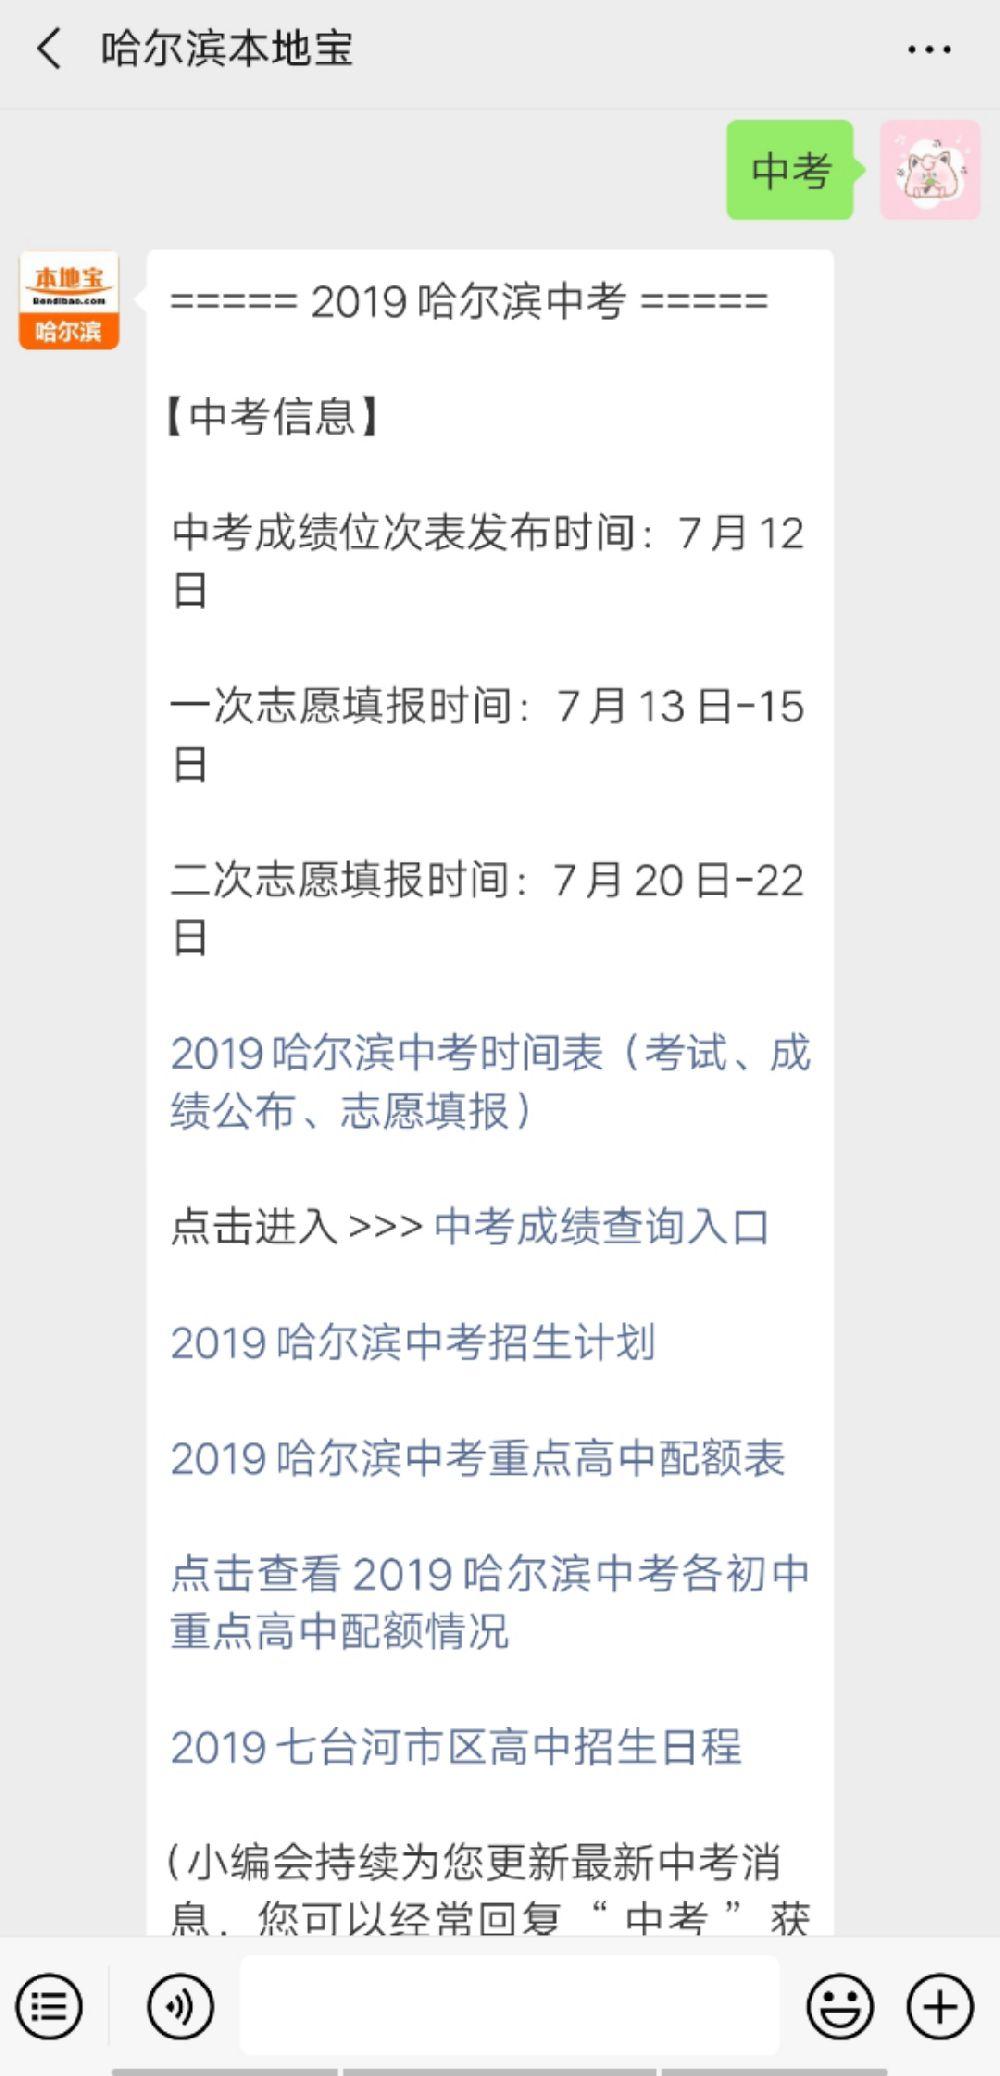 2019哈尔滨中考重点高中配额表